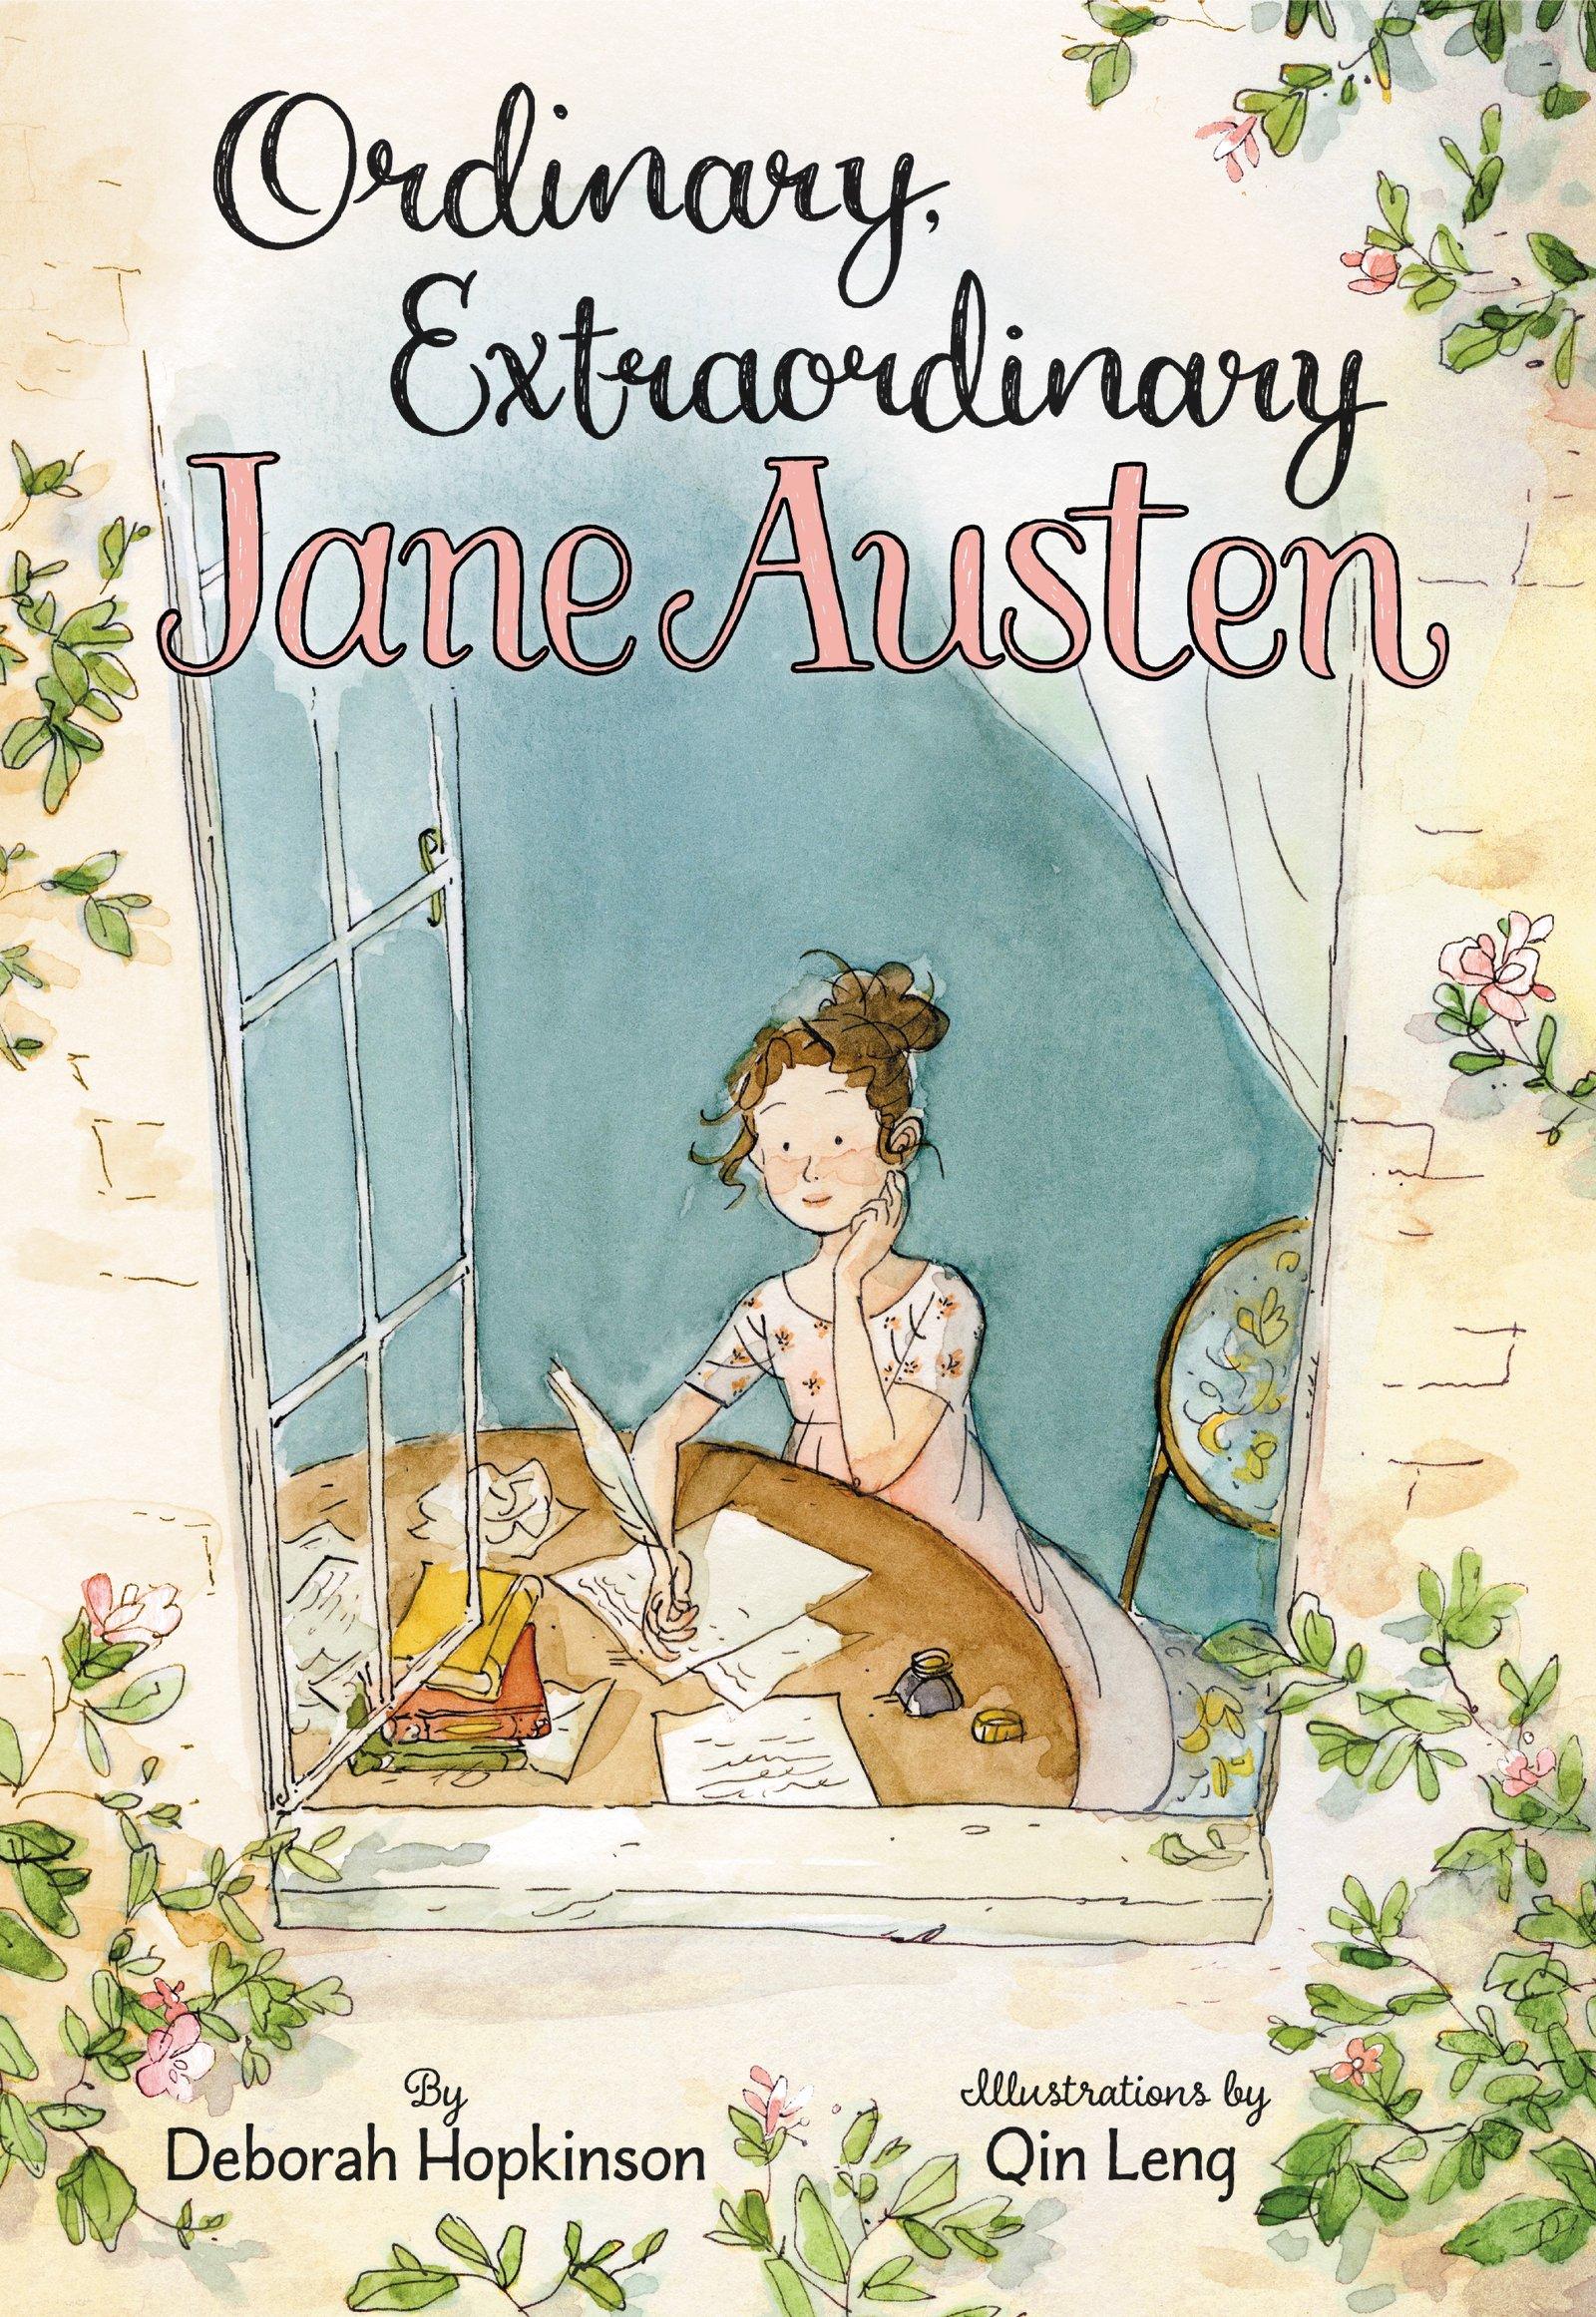 Jane Austen: comum e extraordinária